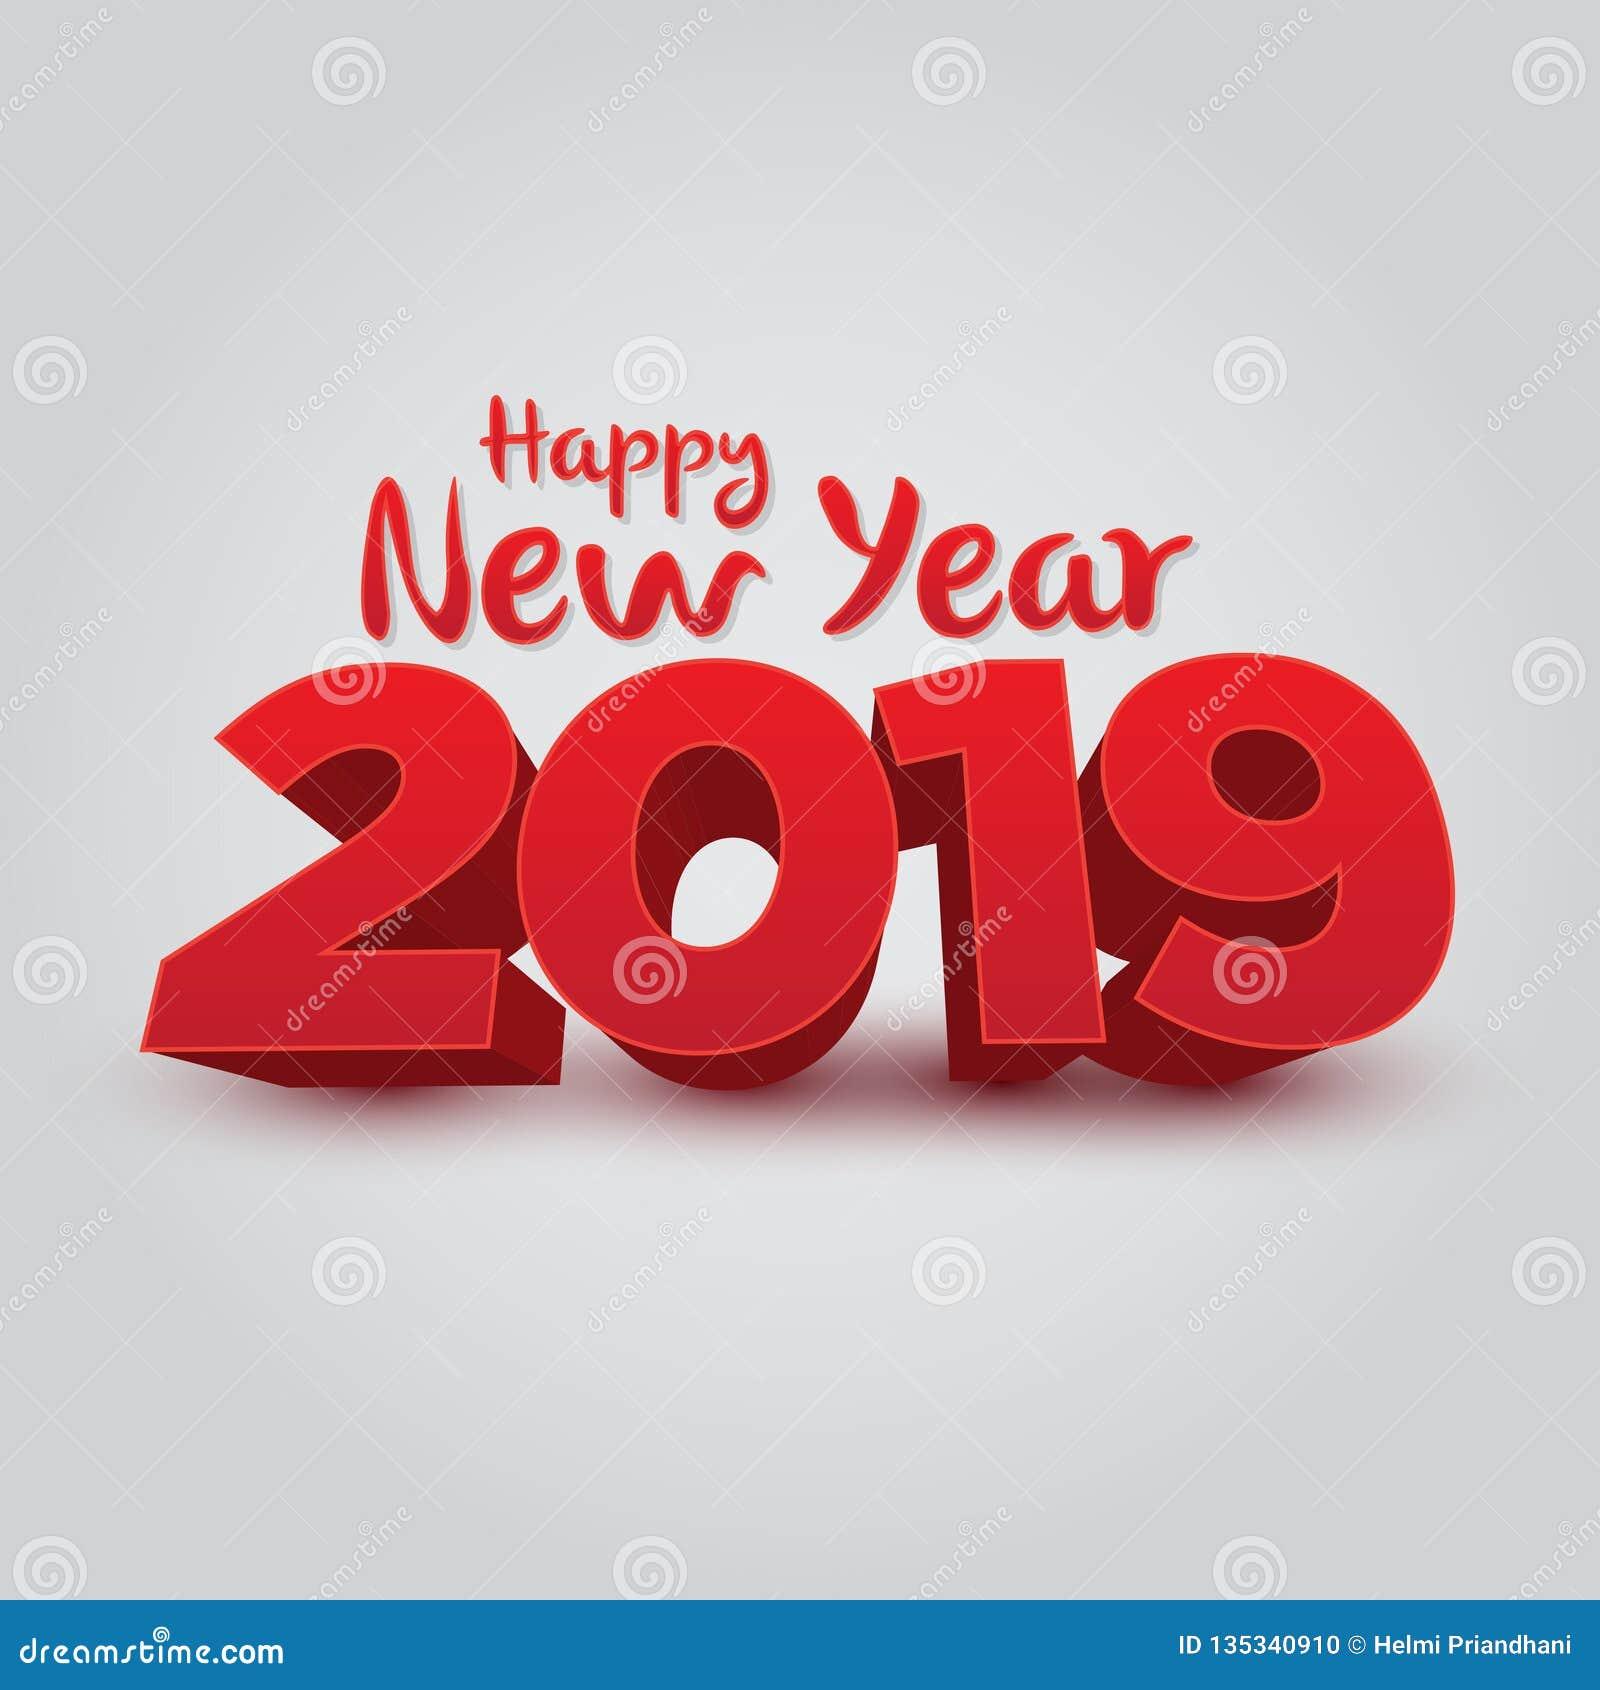 С Новым Годом! 2019 - вектор 3D